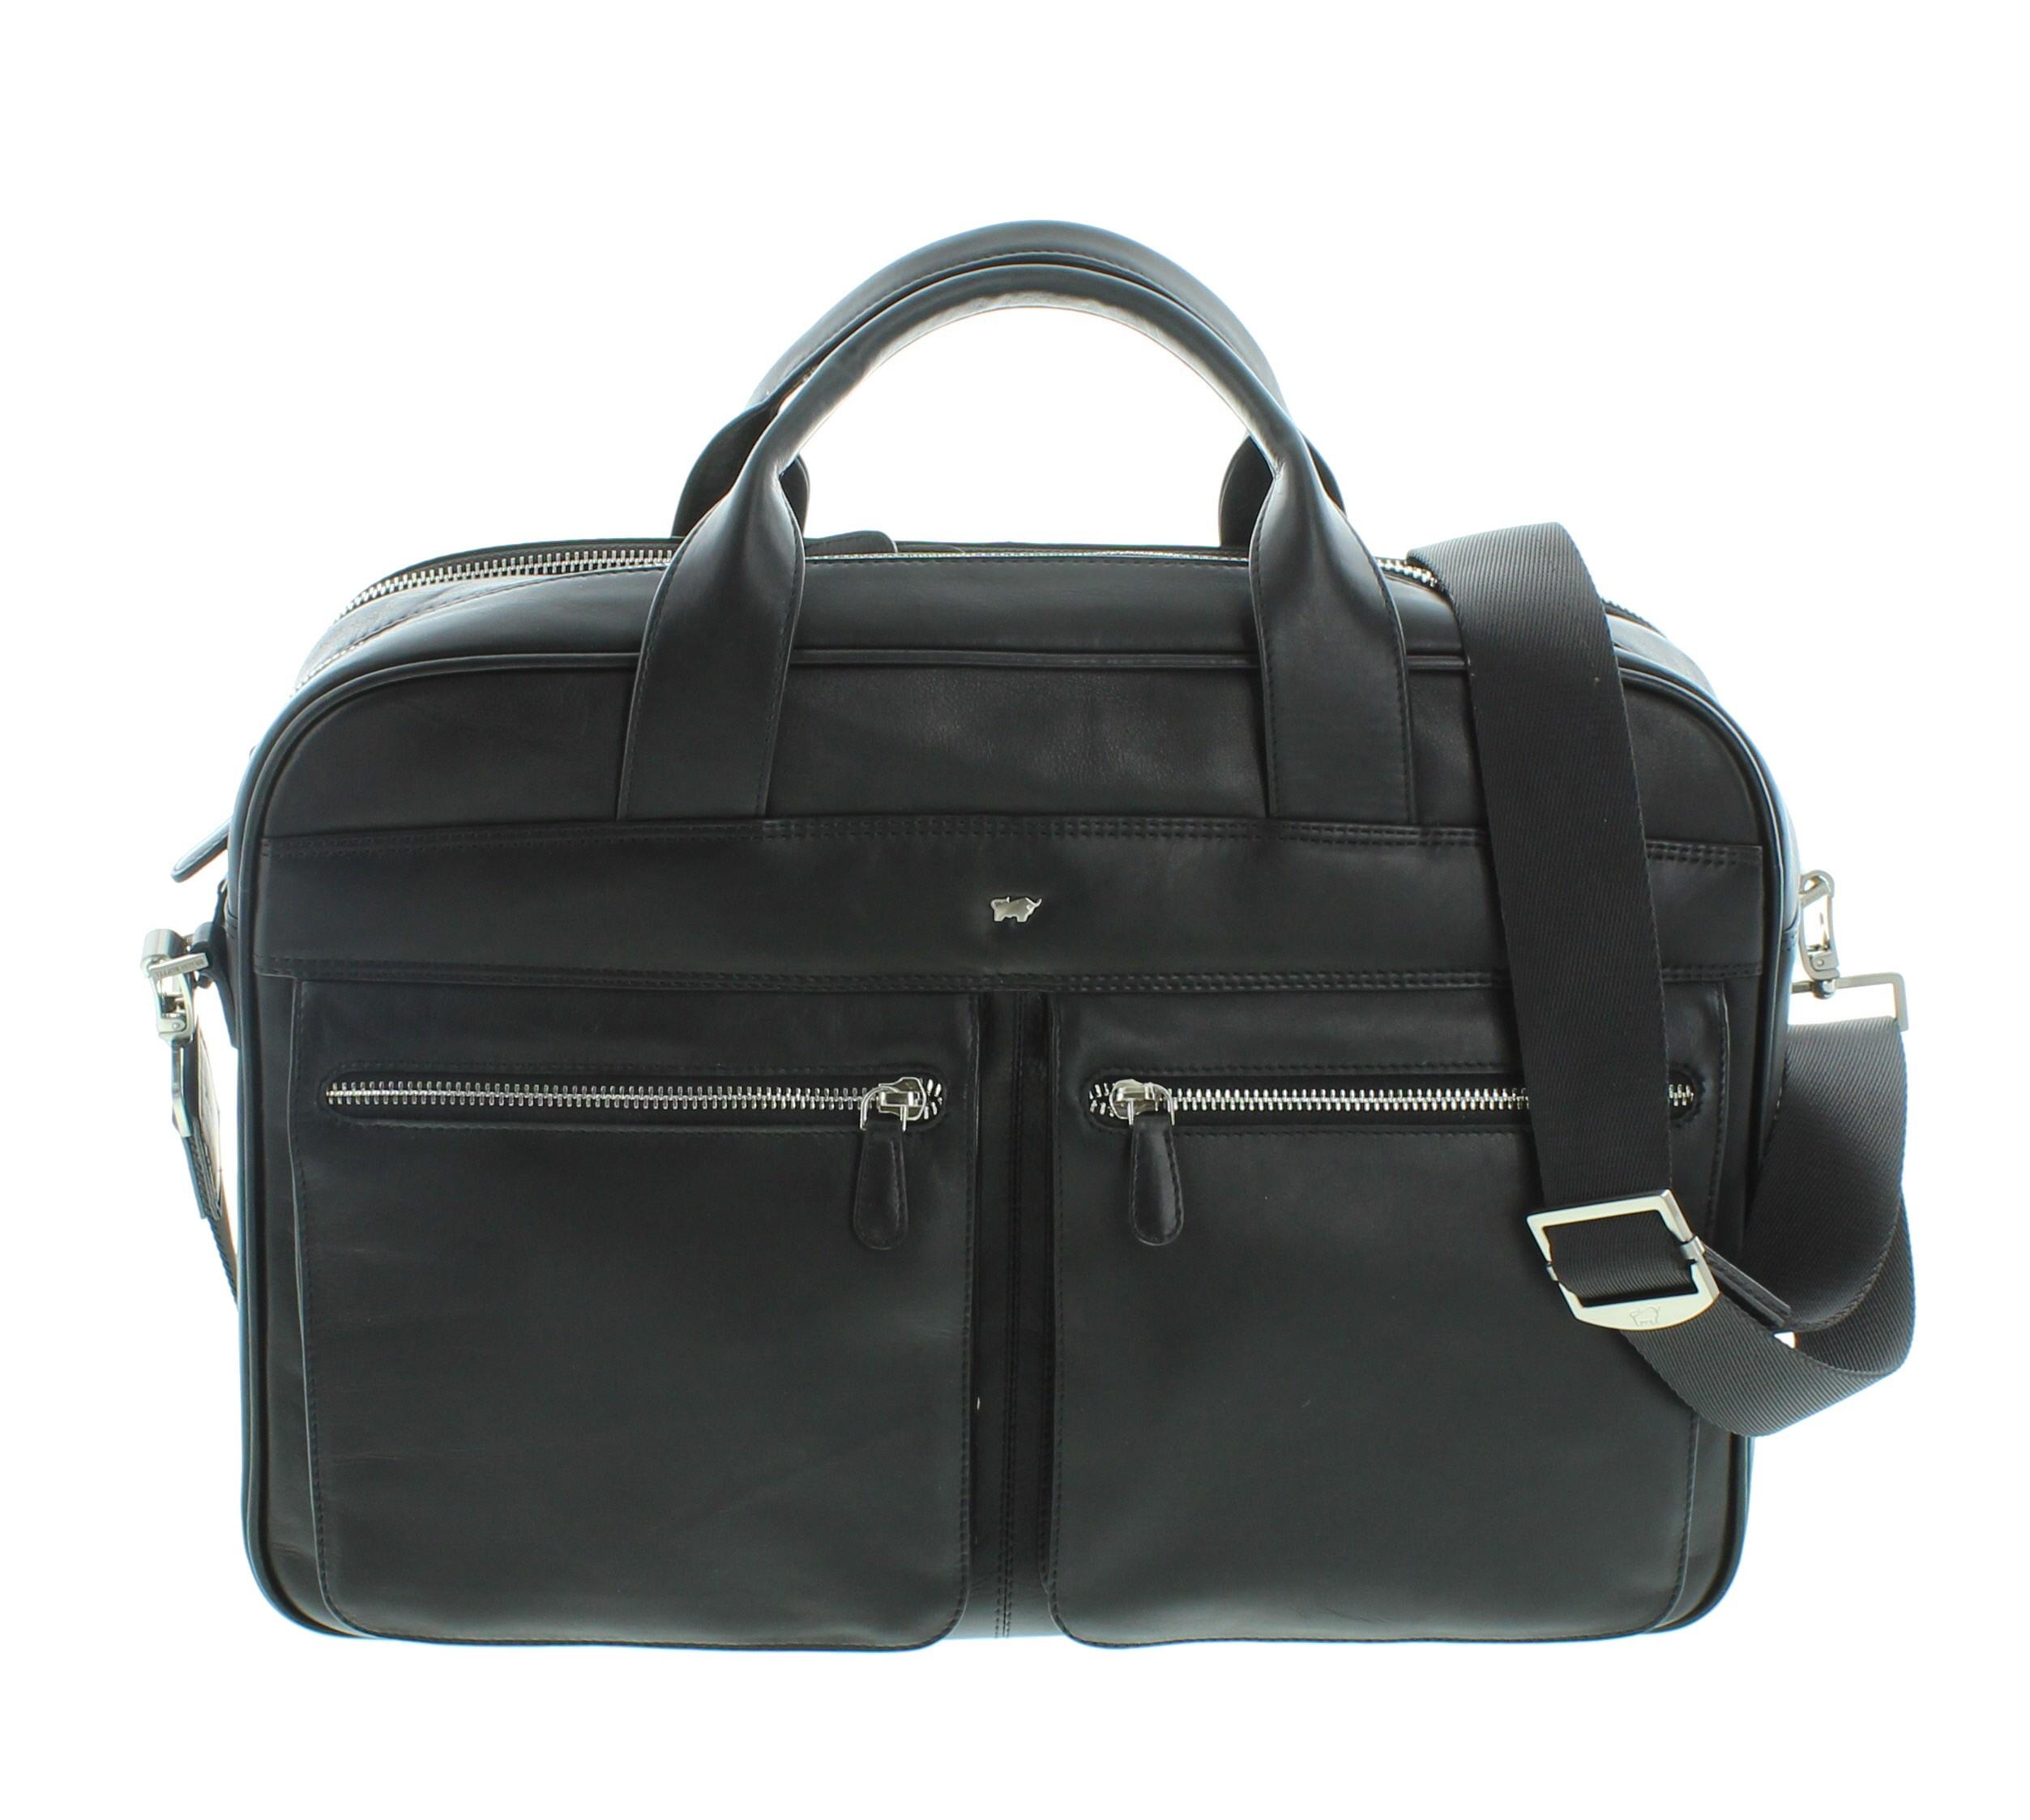 golf-businesstasche-l-feinnarbiges Rindleder-92637-051-010-31